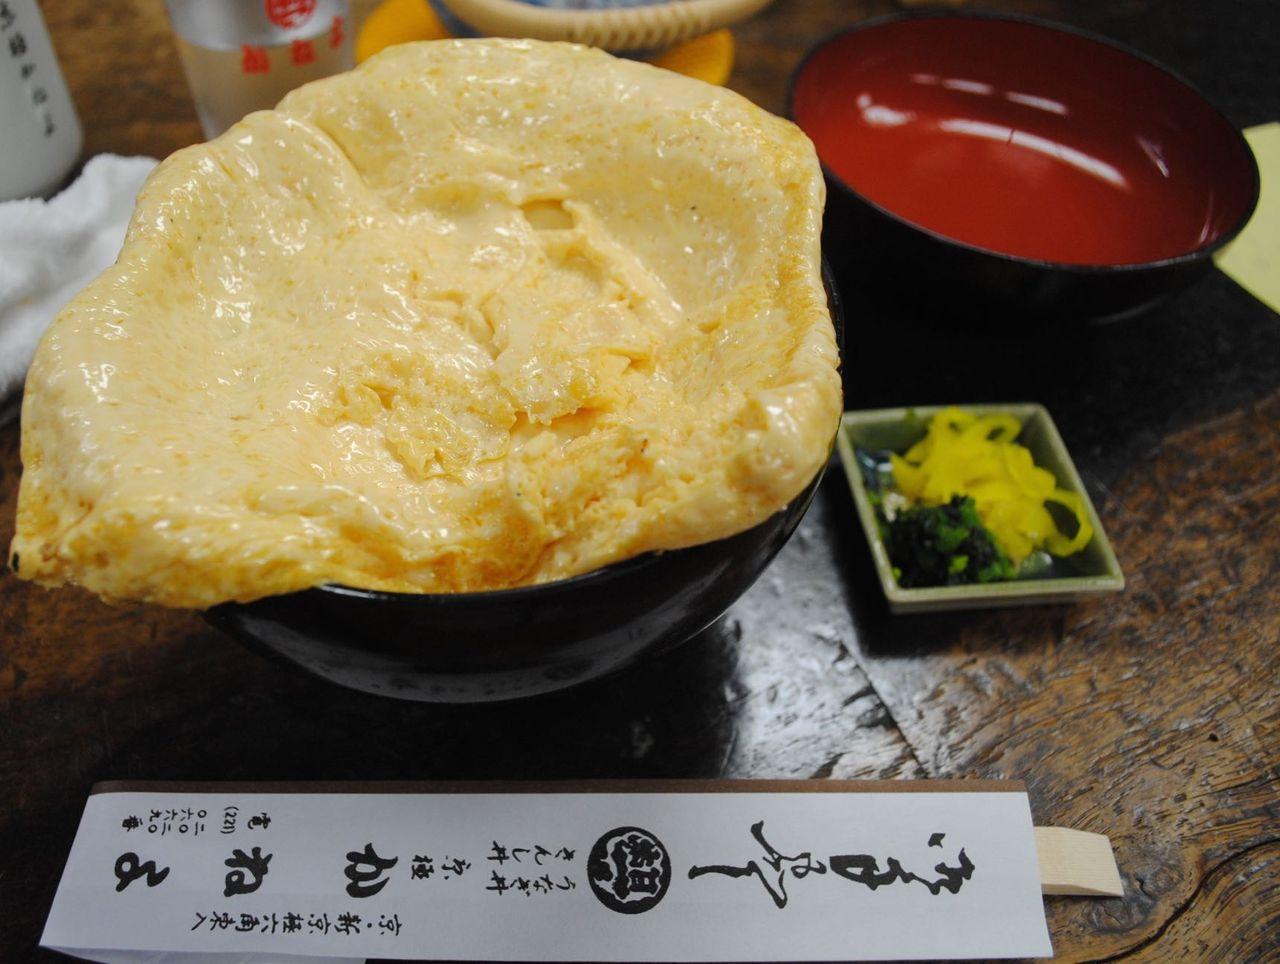 【鰻】きんし丼@京極かねよ-1